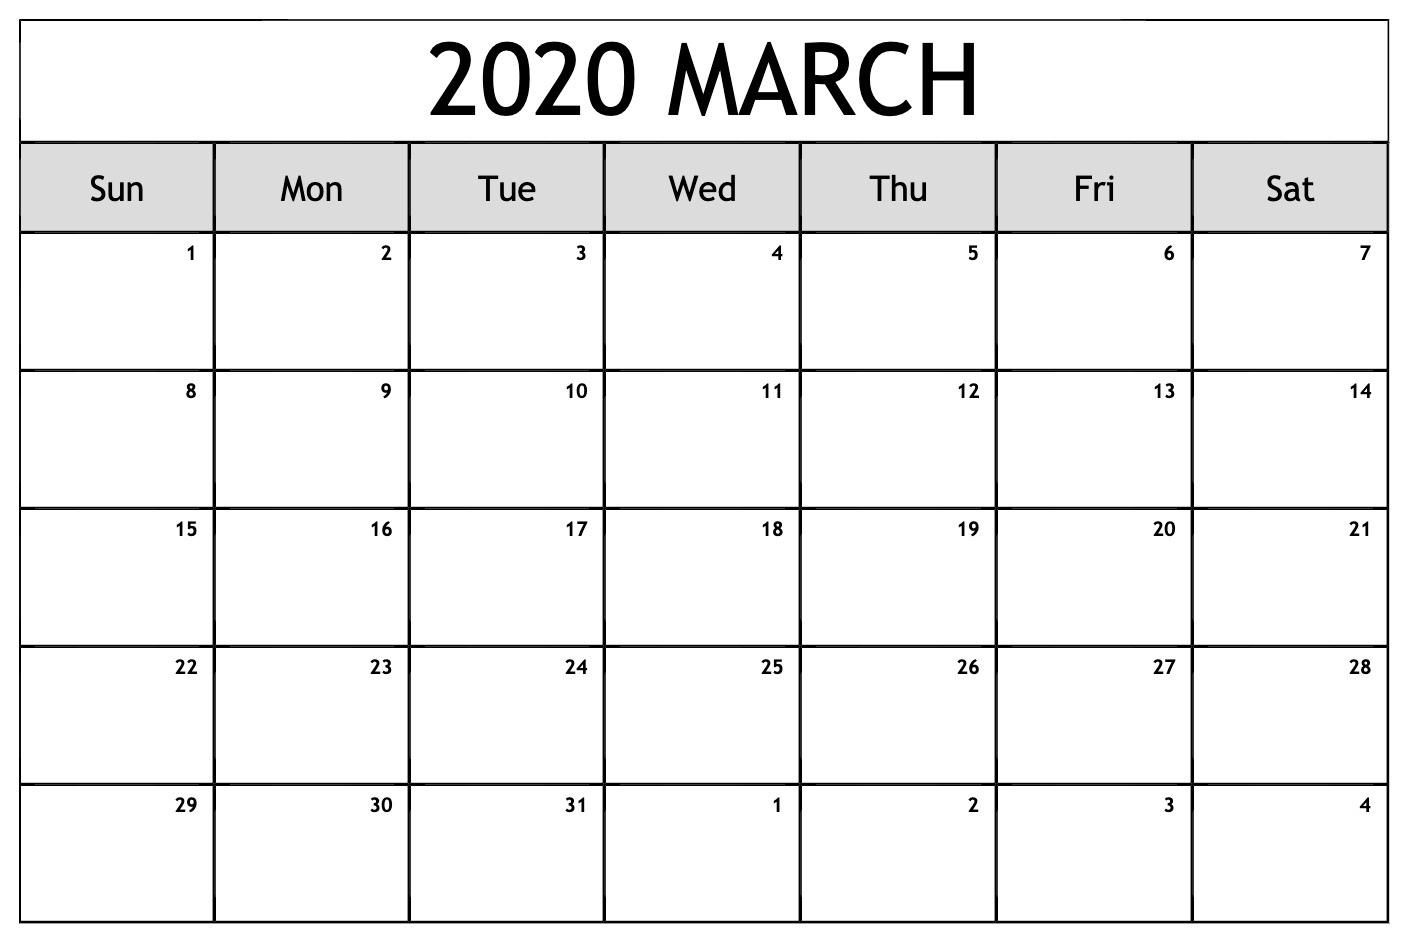 Free March 2020 Calendar Wallpaper